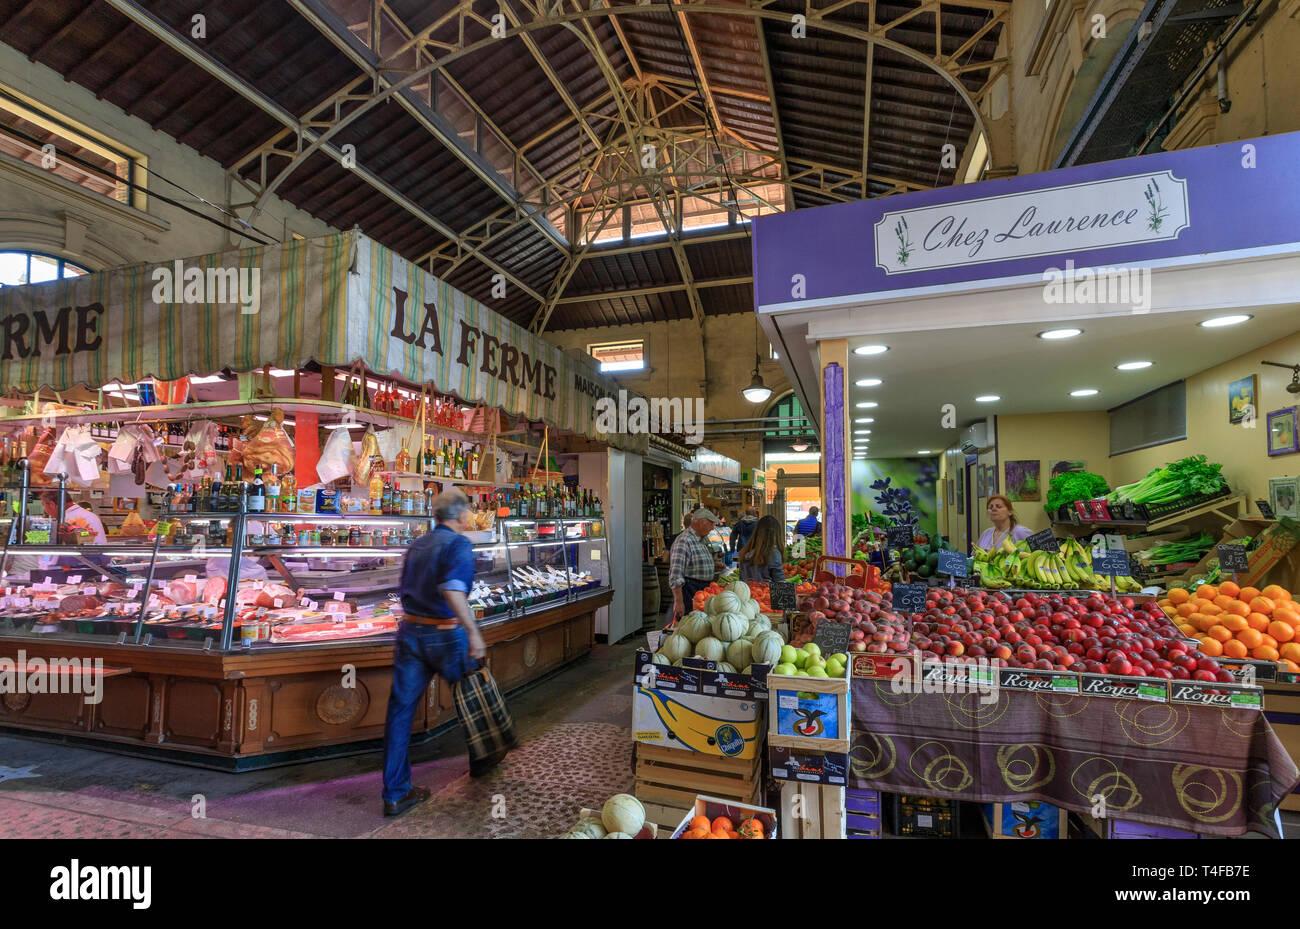 Frankreich, Alpes Maritimes, Menton, indoor Markthalle // Frankreich, Alpes-Maritimes (06), Menton, Intérieur du Marché Couvert Stockbild